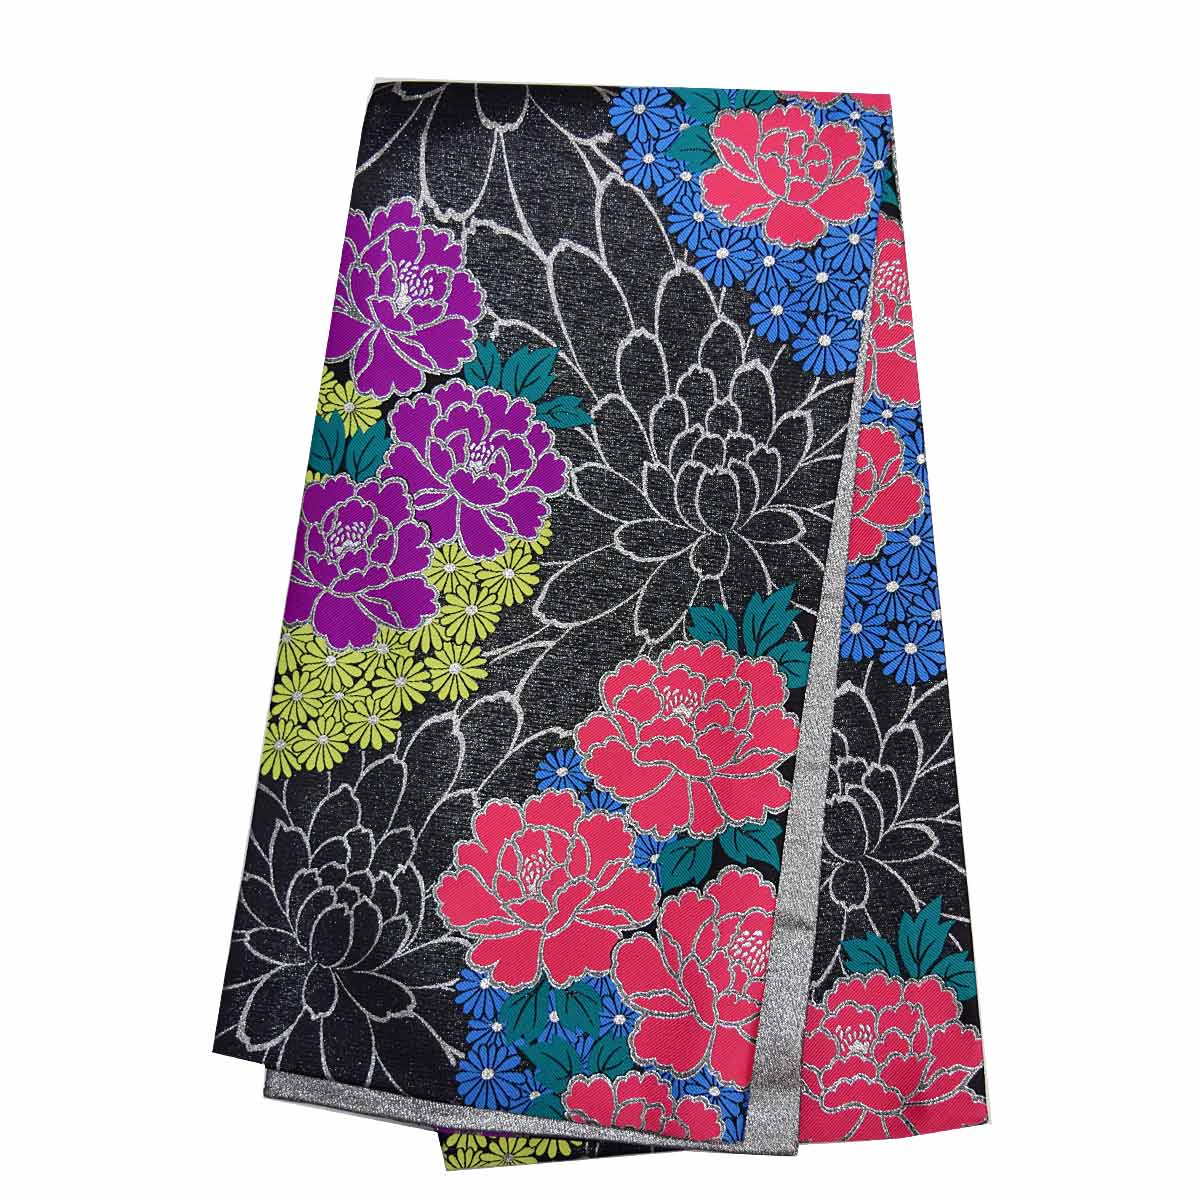 金 紫 単品成人式 ピンク 振袖用 振袖 仕立て上がり袋帯 黒番号d920-3 花柄 袋帯